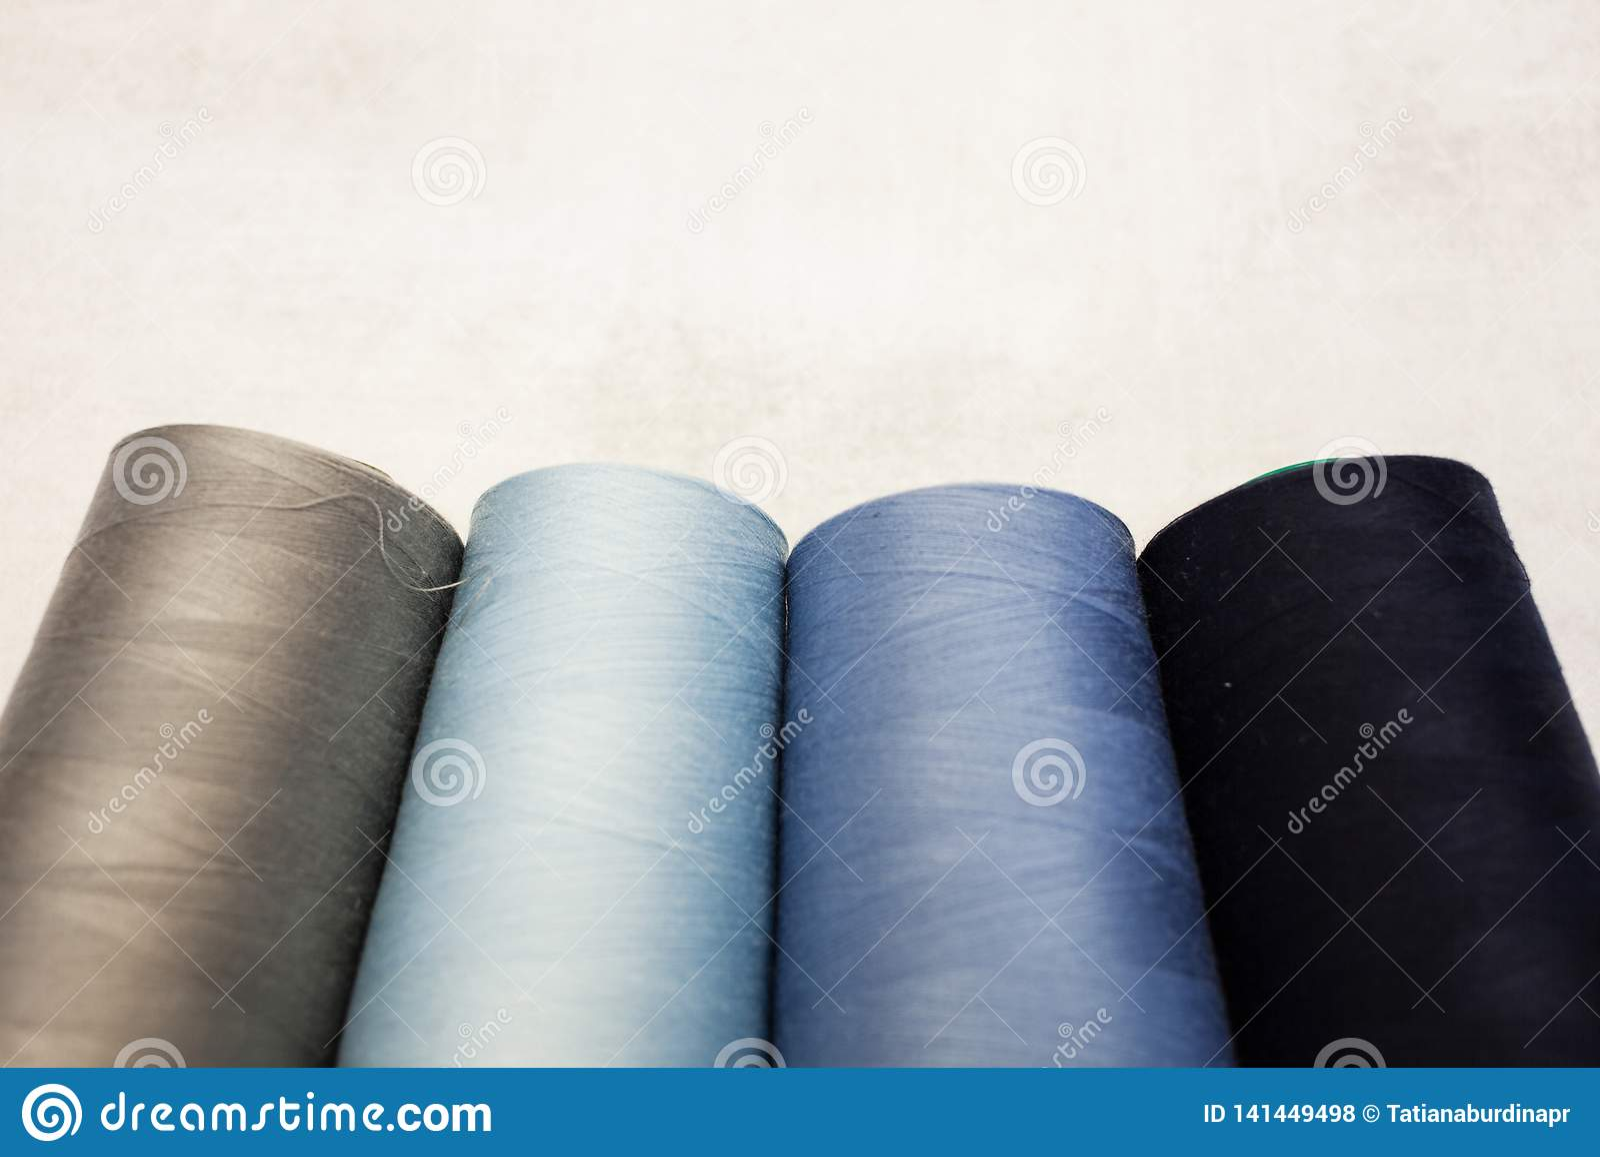 Vier Spulen von kalten Farben: grau, blau und hellblau Nähende Produktion und Haupthandwerk